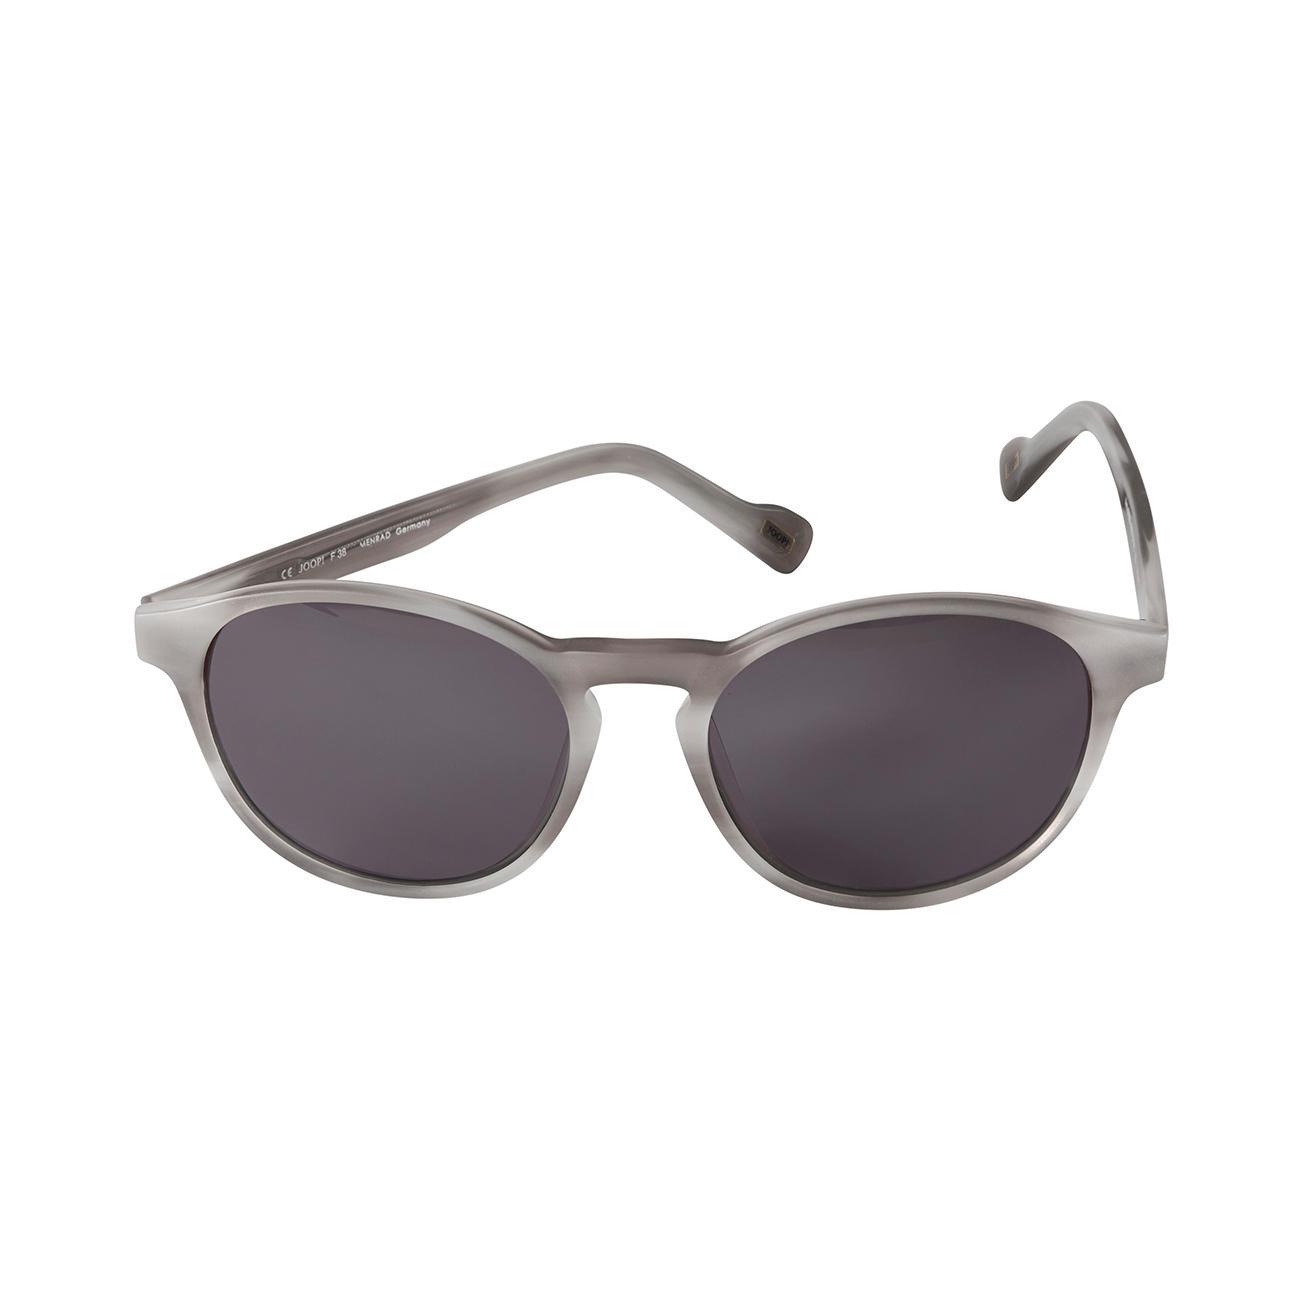 lunettes de soleil site de rencontres Scottsdale sites de rencontre